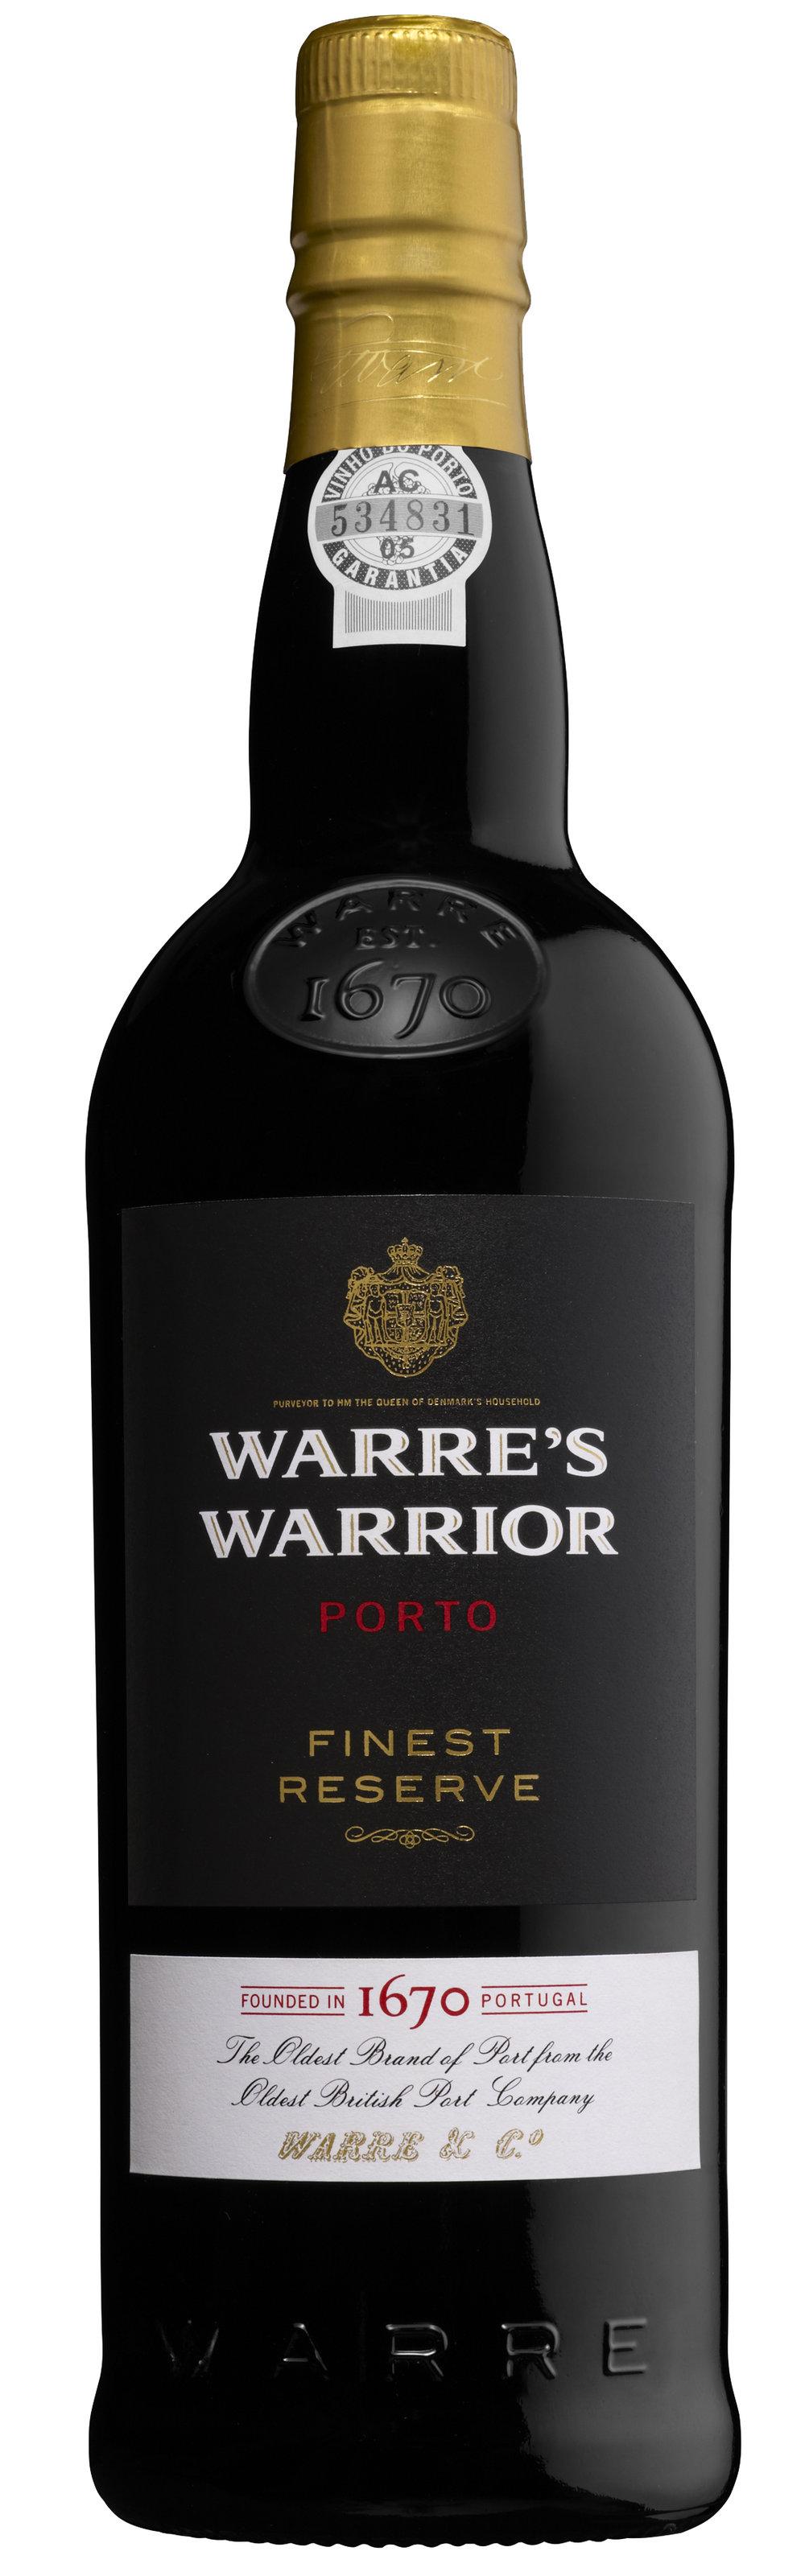 Warre's Warrior Port Bottle.jpg